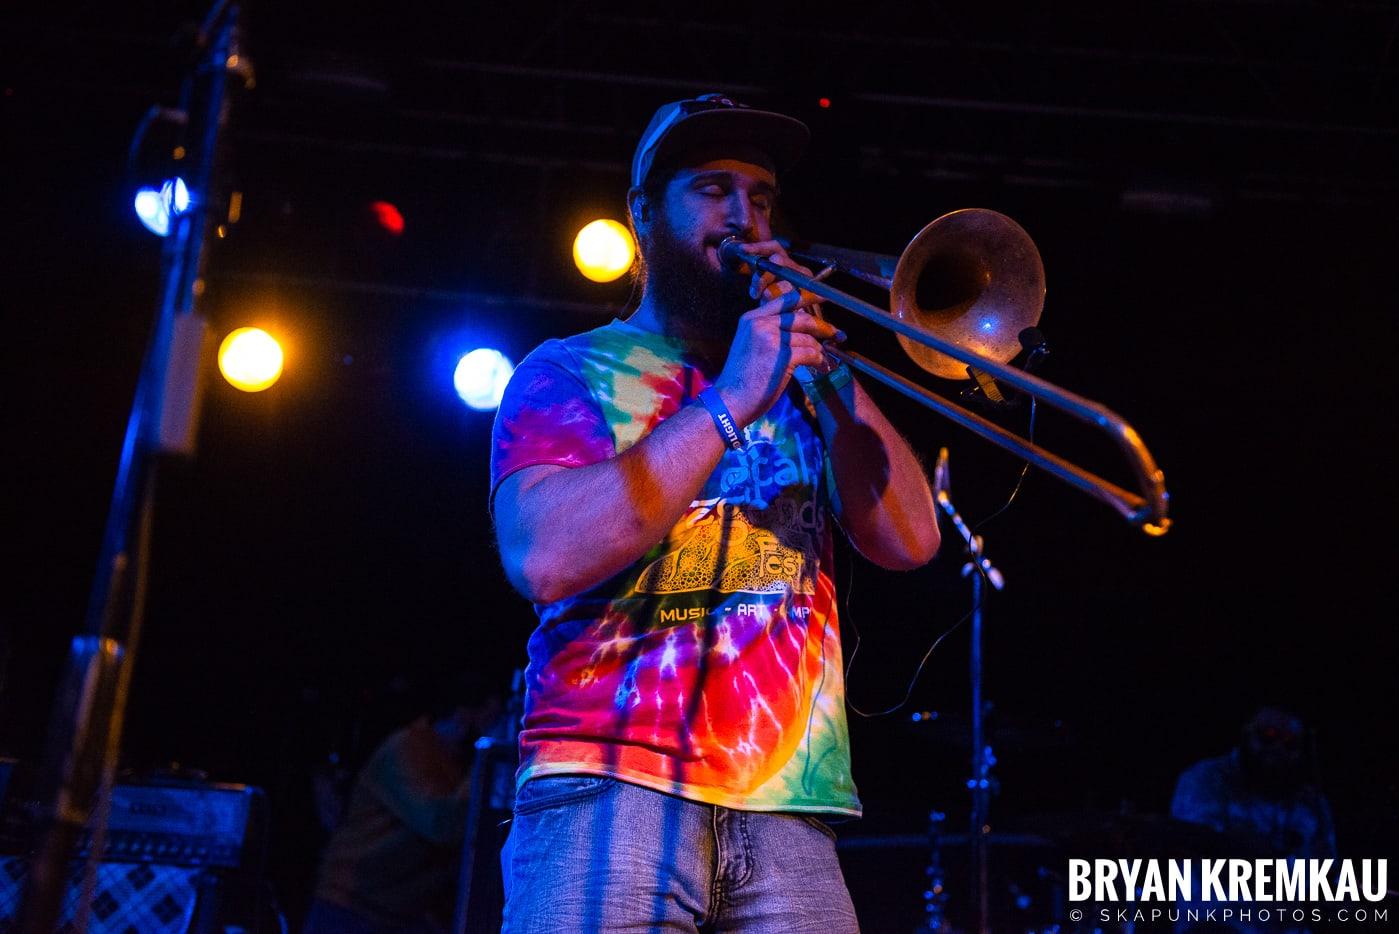 Backyard Superheroes @ Skanksgiving, Starland Ballroom, Sayreville, NJ - 11.30.19 (25)